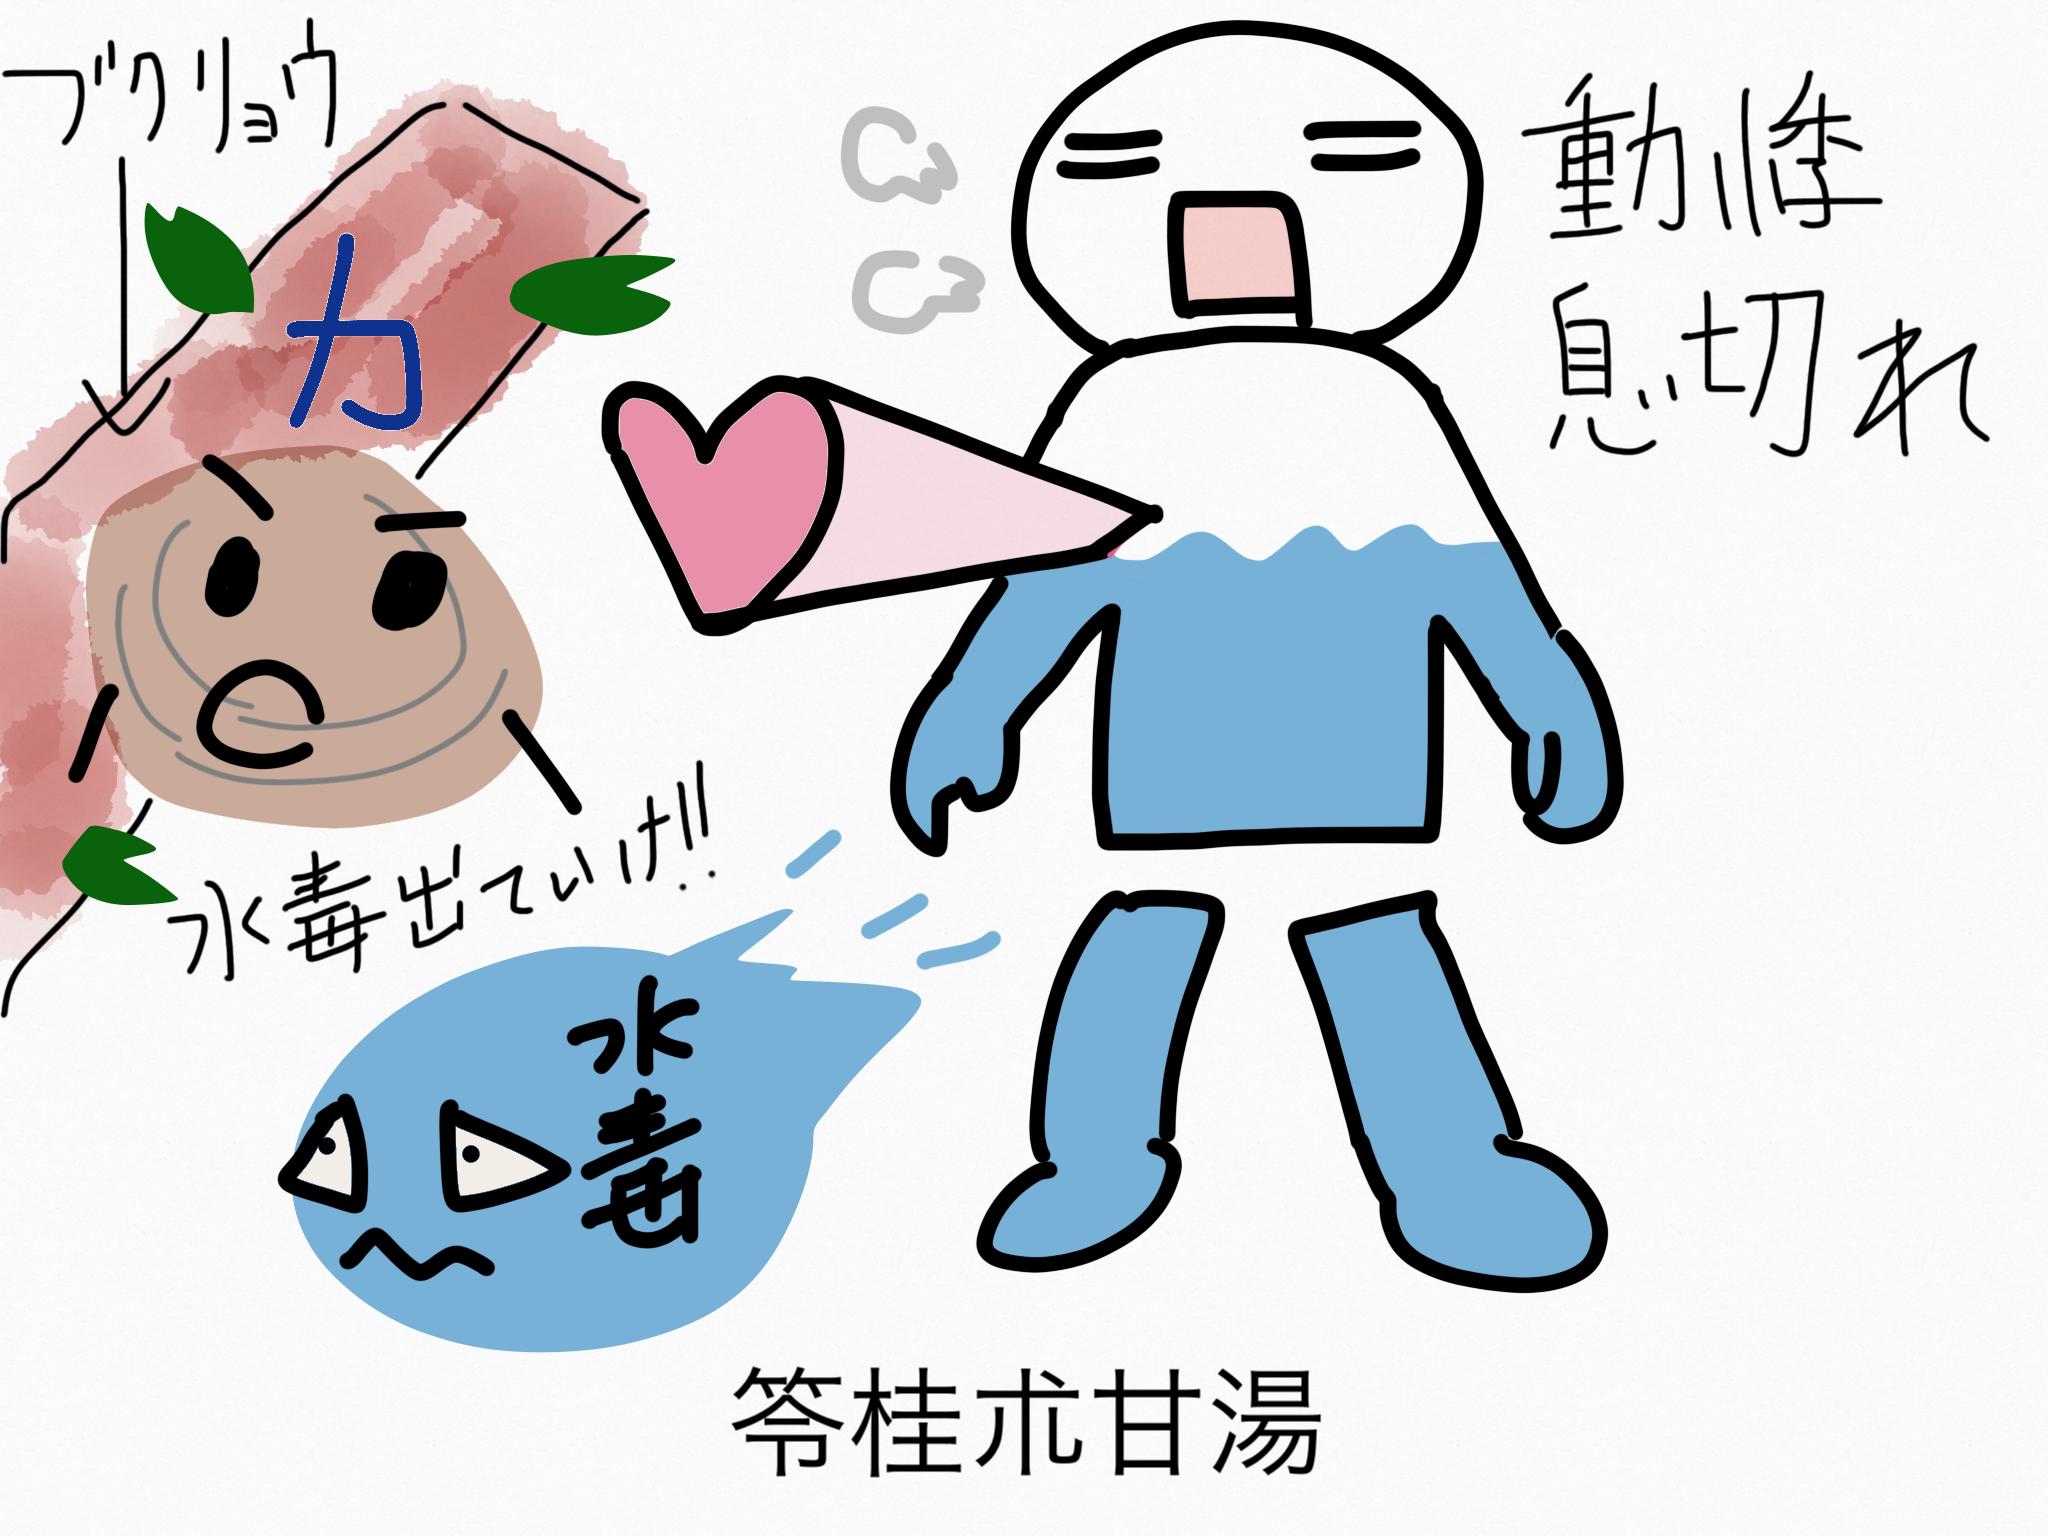 苓桂朮甘湯(りょうけいじゅつかんとう)[動悸・息切れ]【漢方の覚え方】